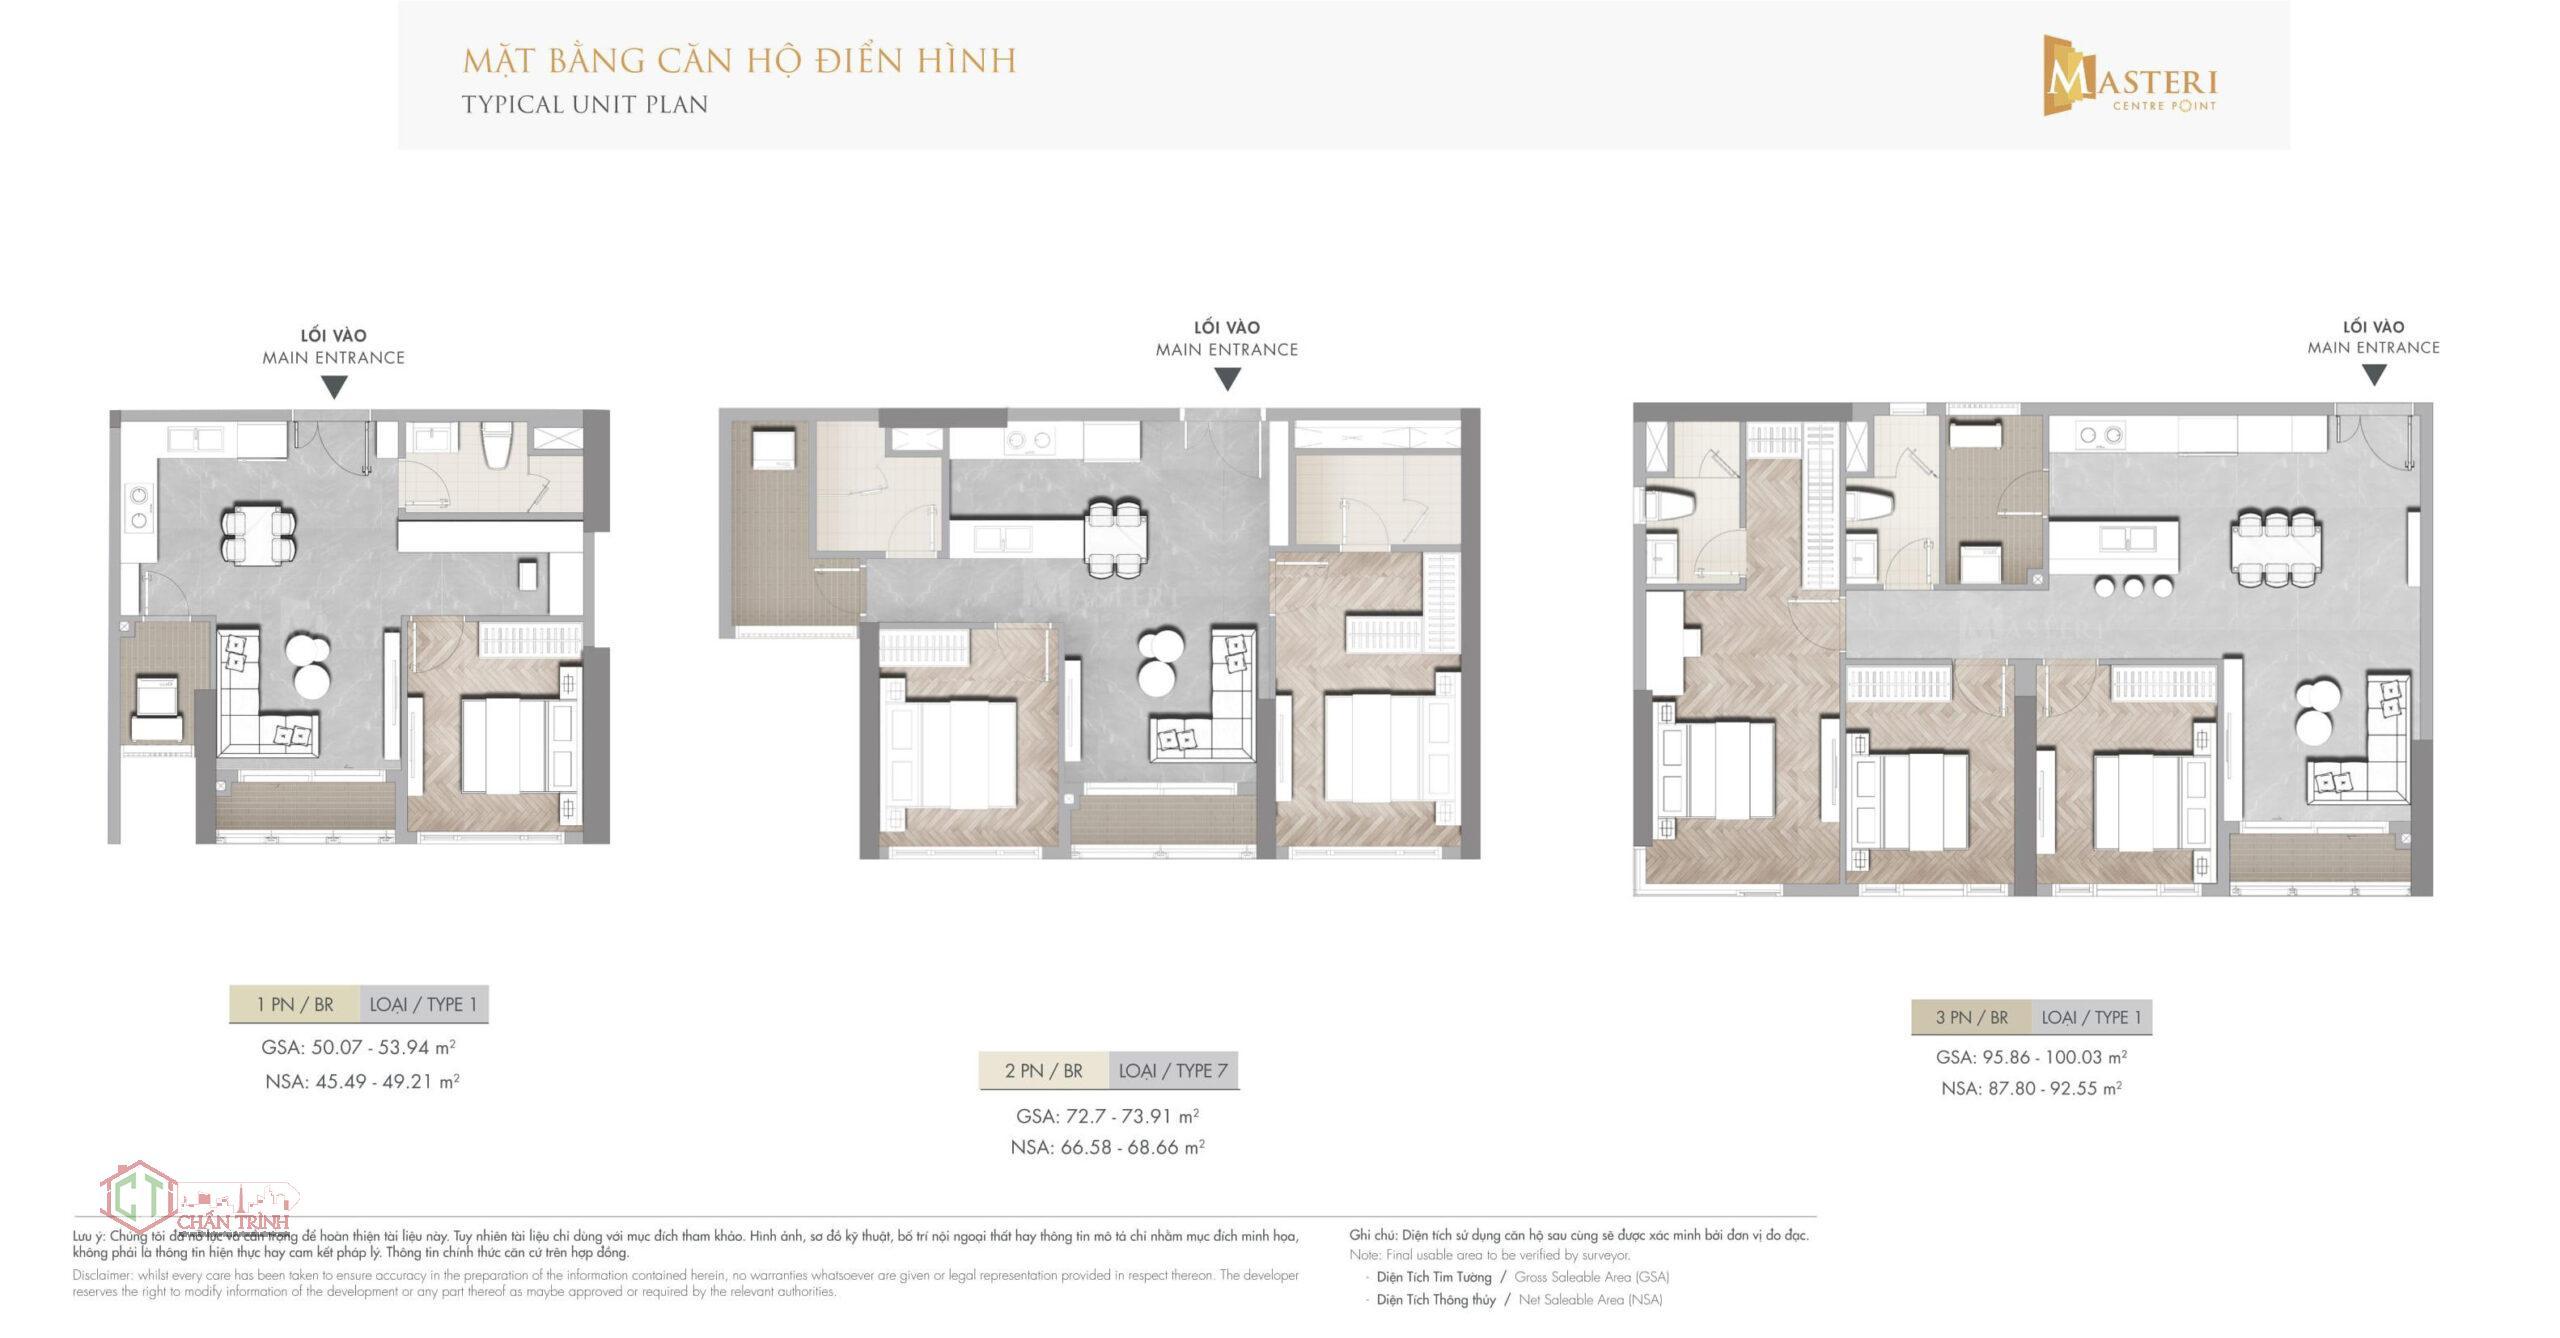 Thiết kế căn hộ 1,2,3 phòng ngủ Masteri Quận 9